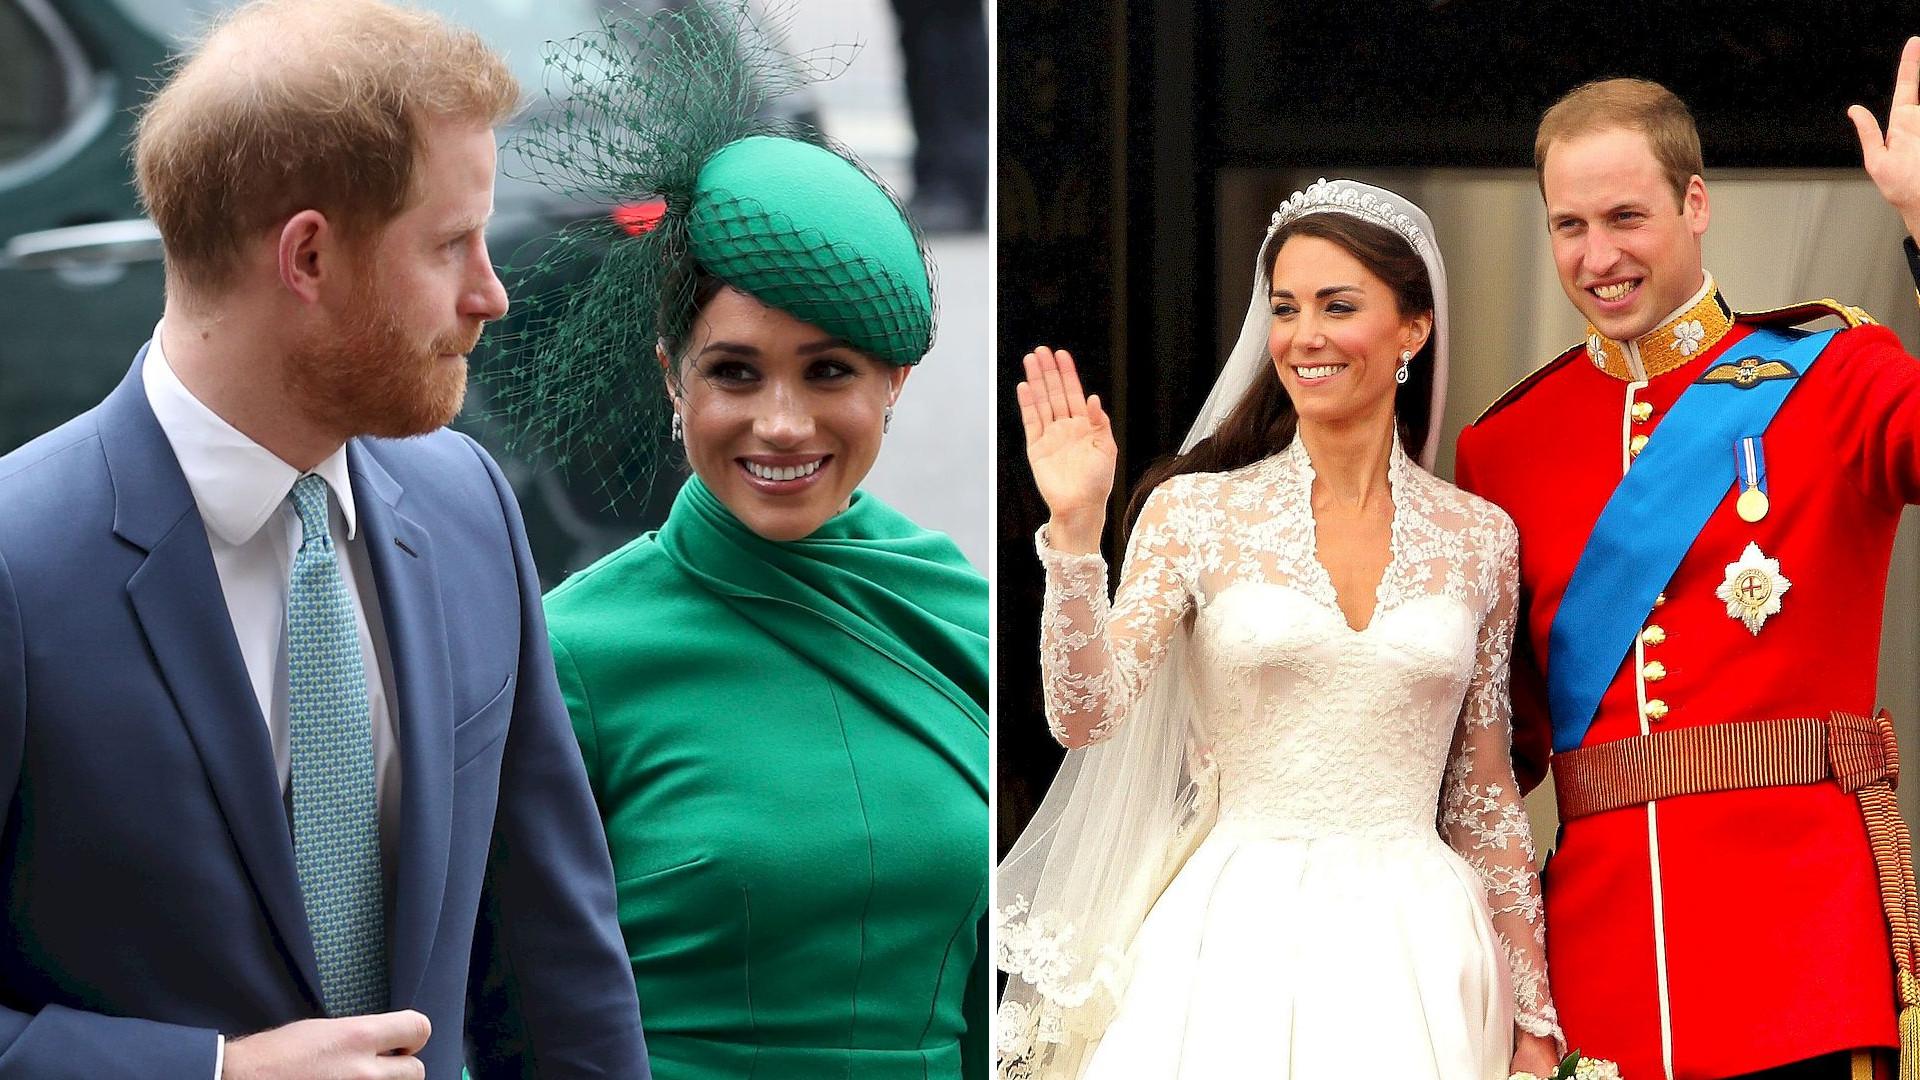 Meghan i Harry uczcili 10. rocznicę ślubu Kate i Williama! Co zrobili?